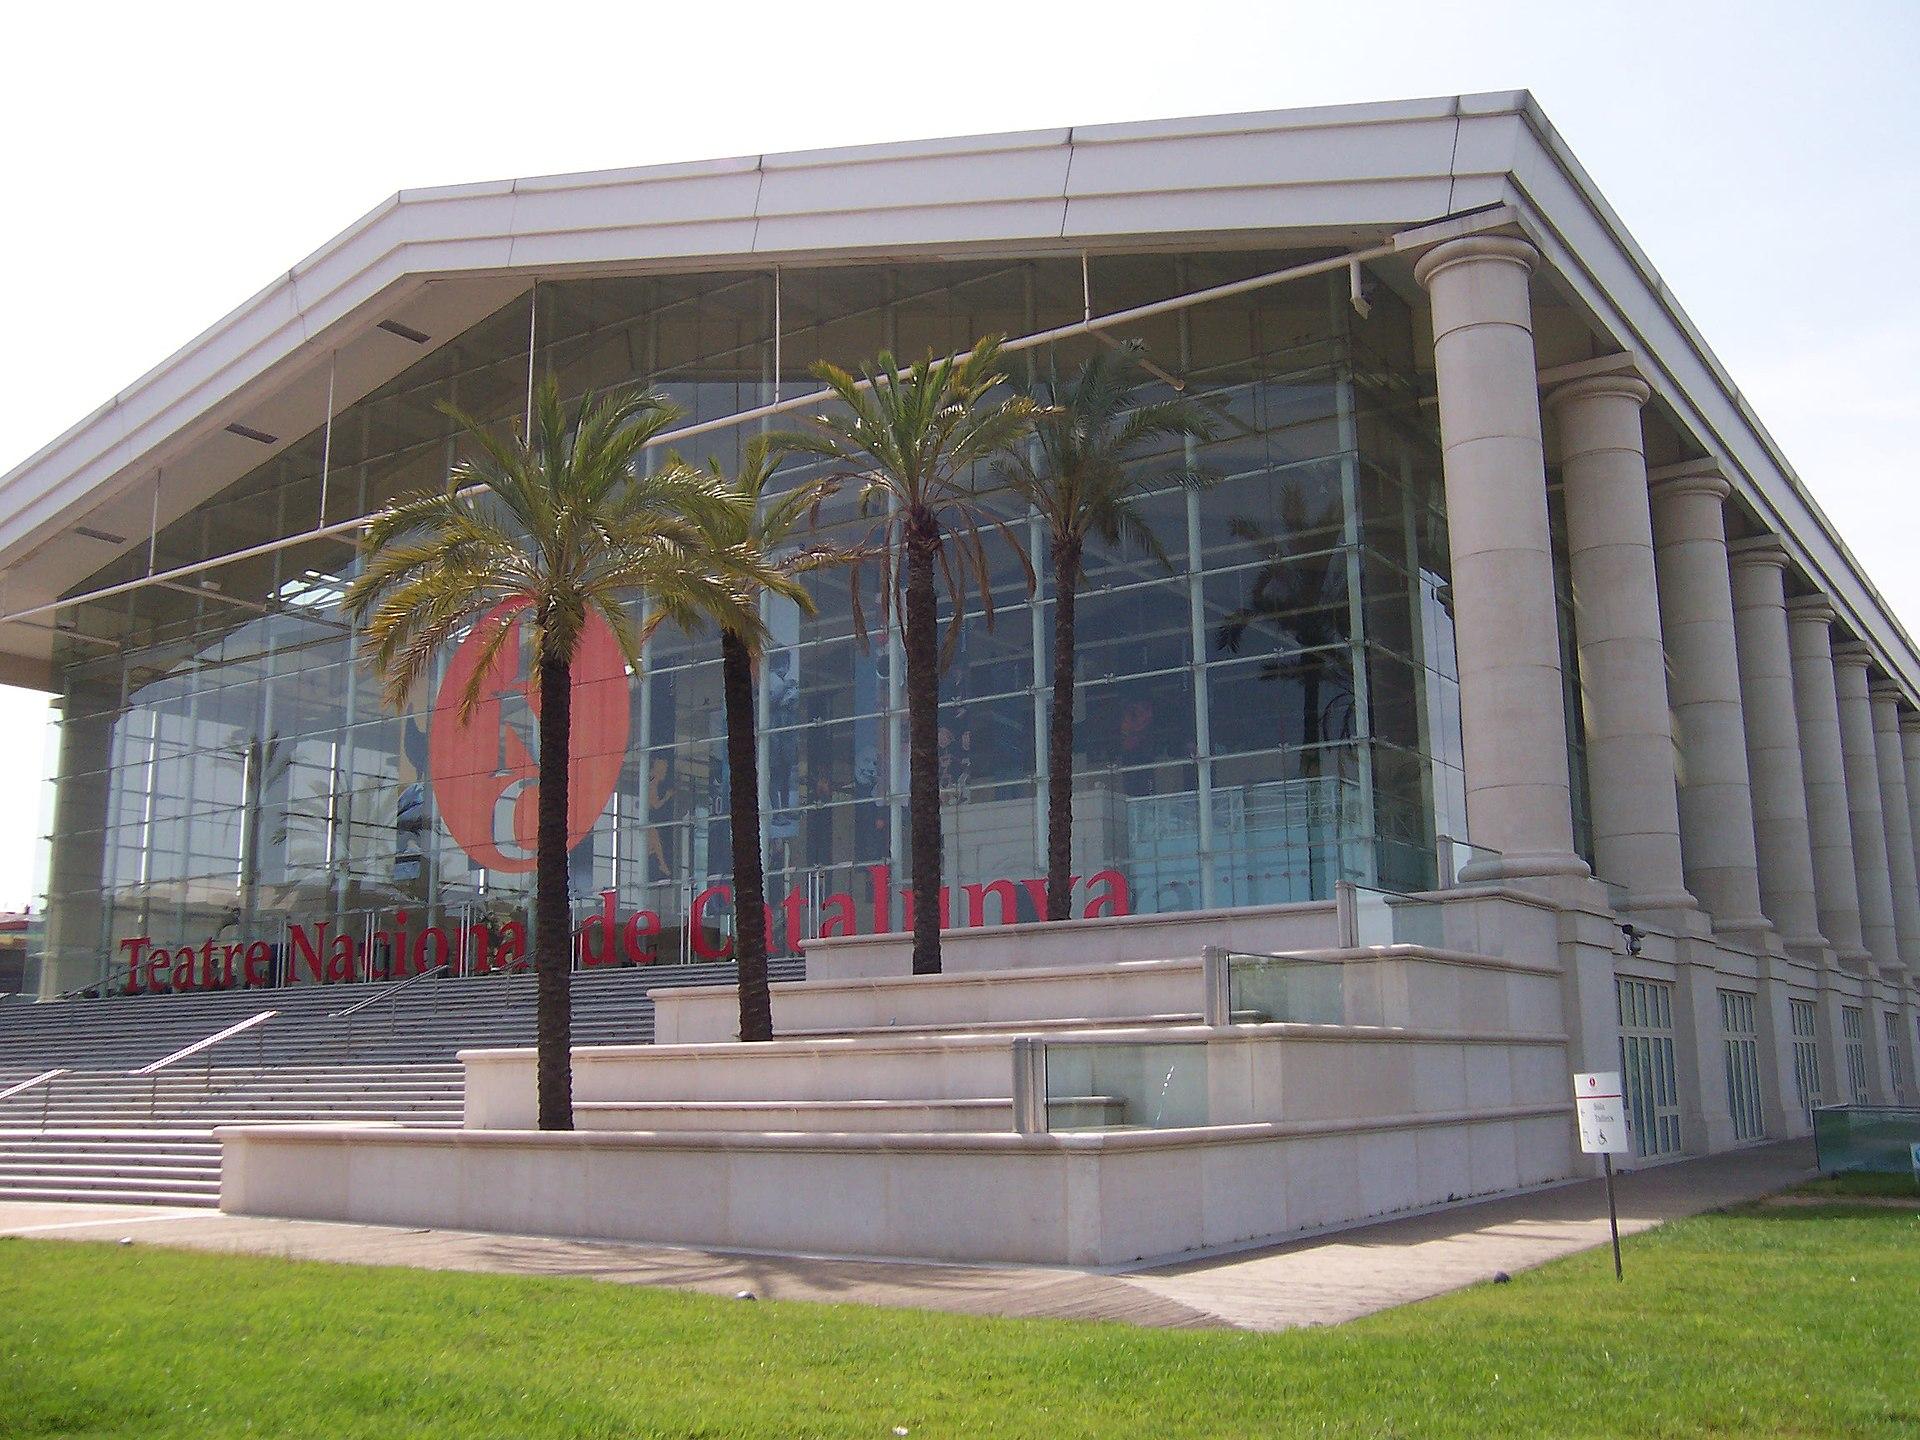 Teatre nacional de catalunya wikipedia for Teatre nacional de catalunya